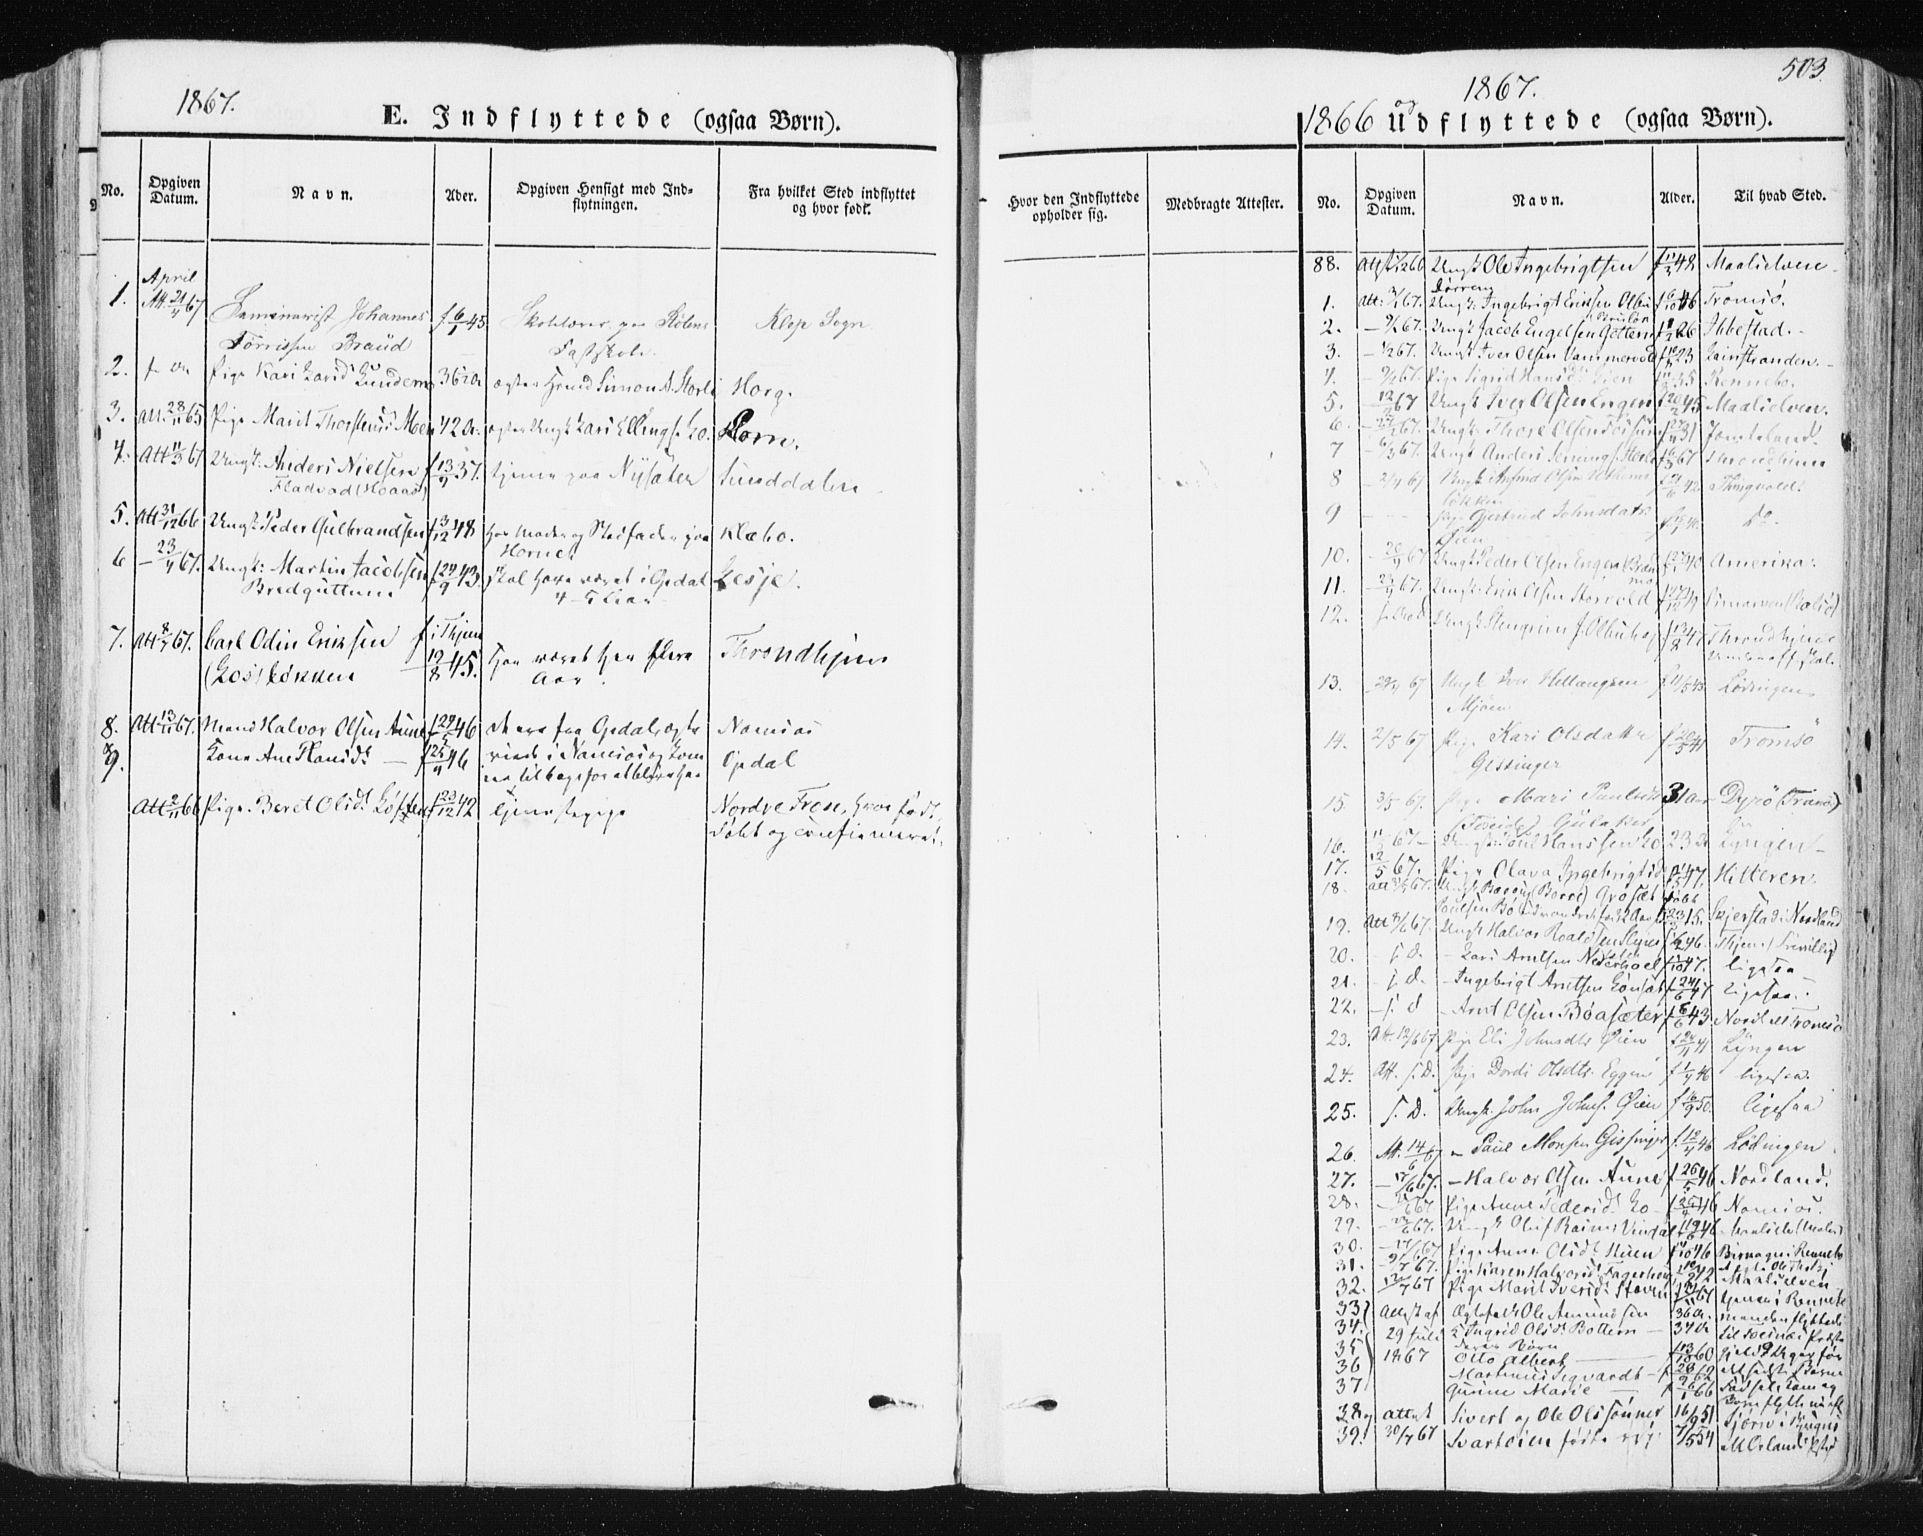 SAT, Ministerialprotokoller, klokkerbøker og fødselsregistre - Sør-Trøndelag, 678/L0899: Ministerialbok nr. 678A08, 1848-1872, s. 503